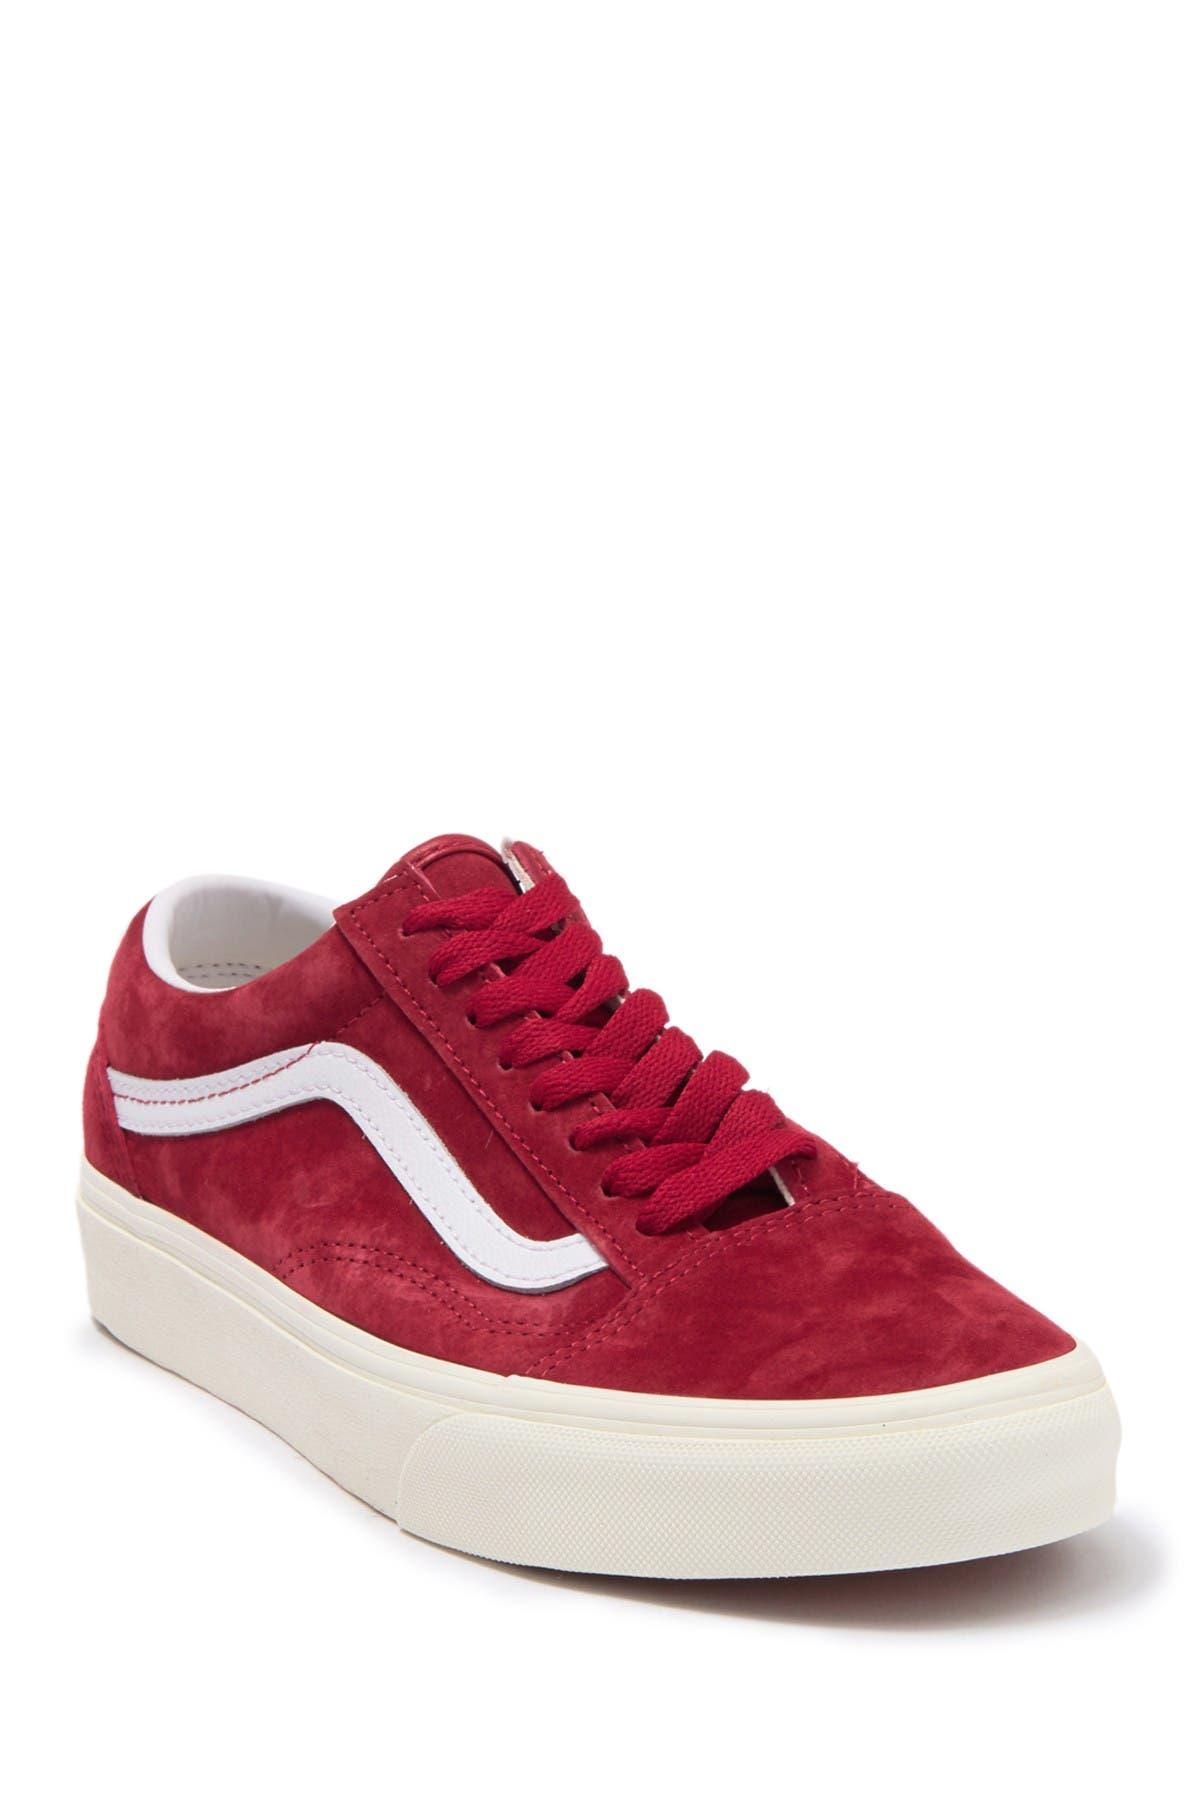 Image of VANS Old Skool Suede Sneaker